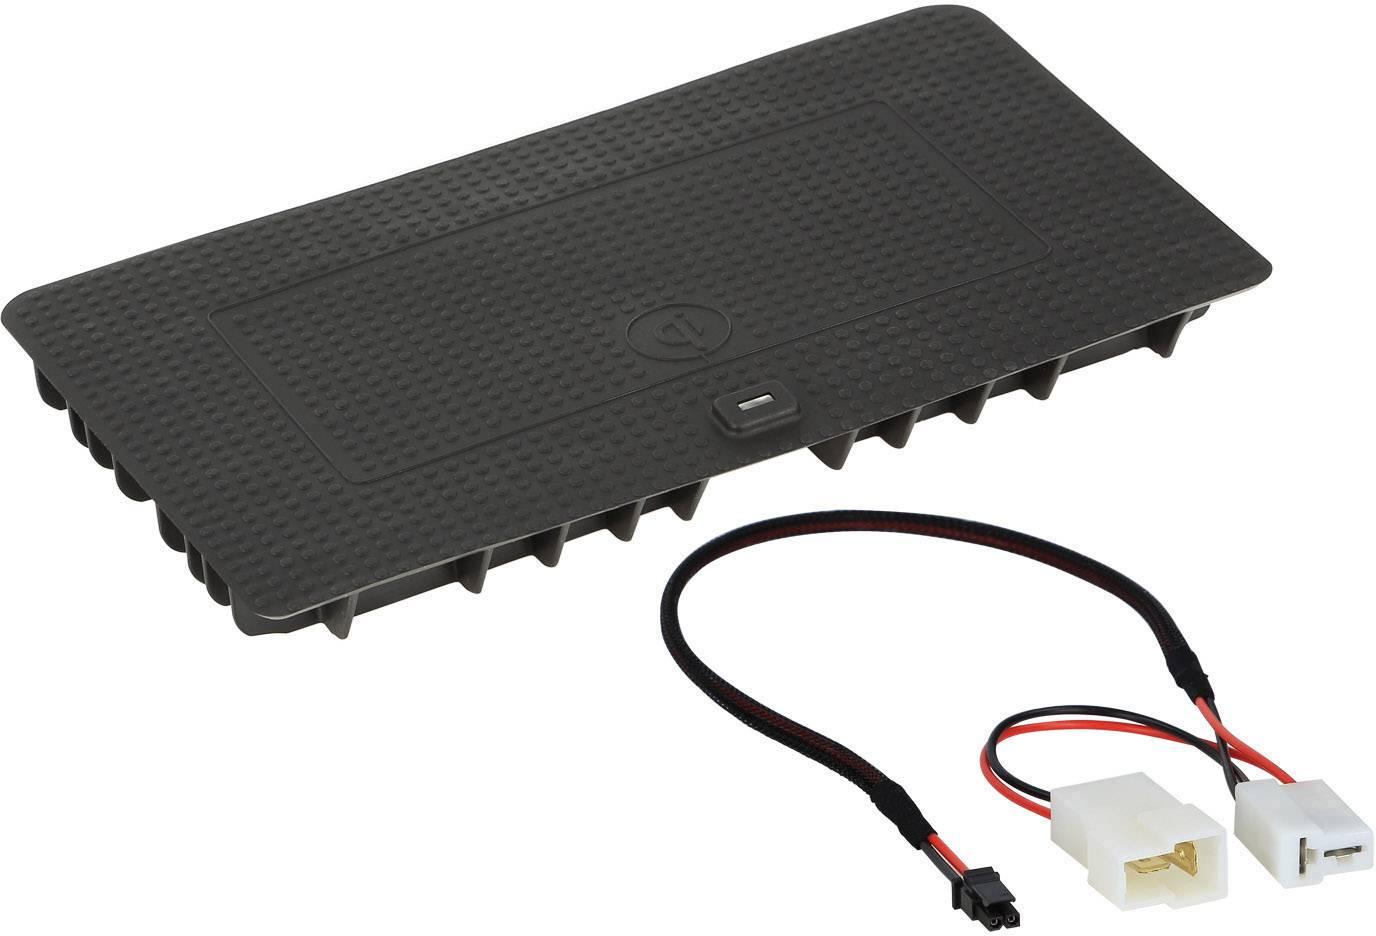 Bezdrátová nabíječka do auta Inbay 241143-50-1